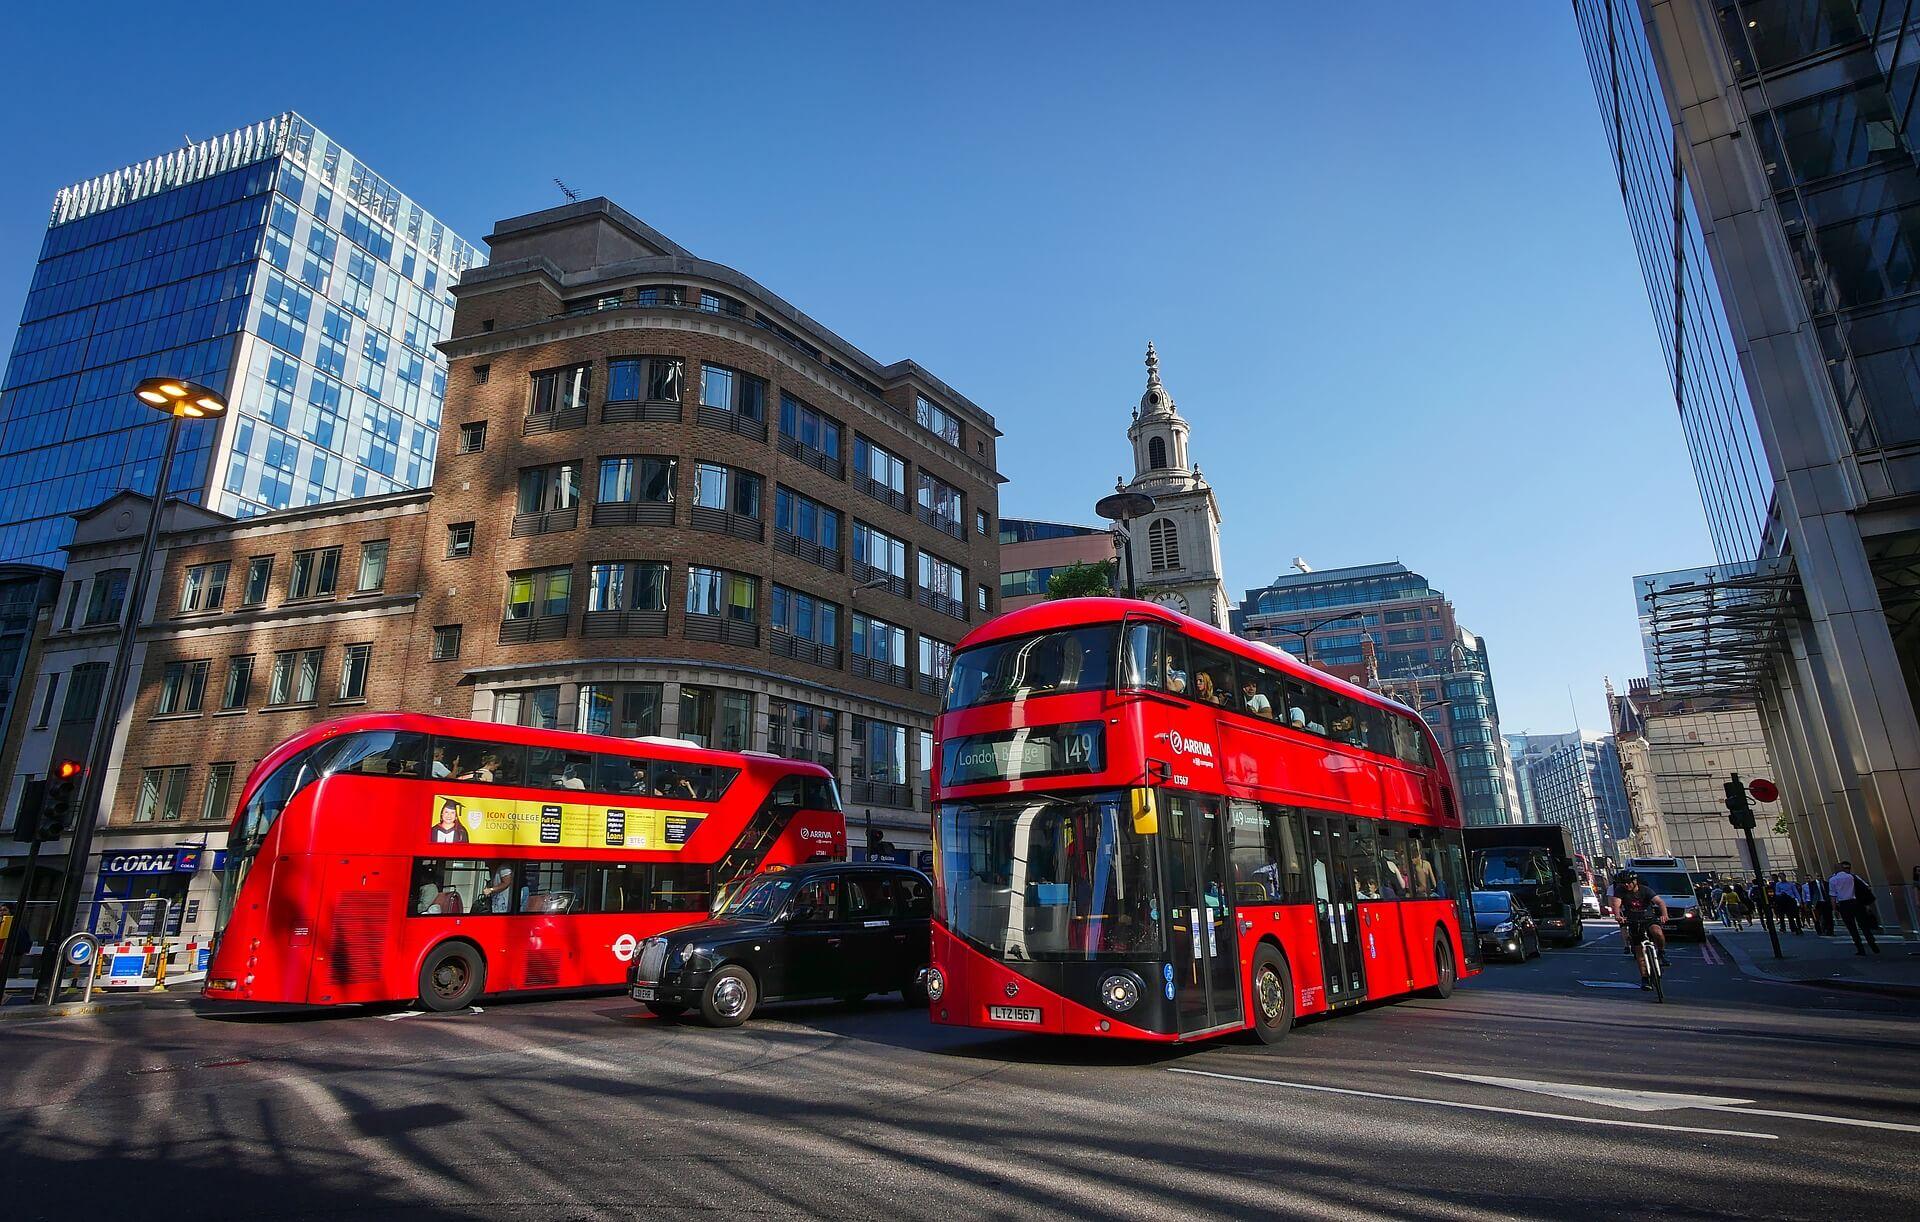 london-2928889-1920-2